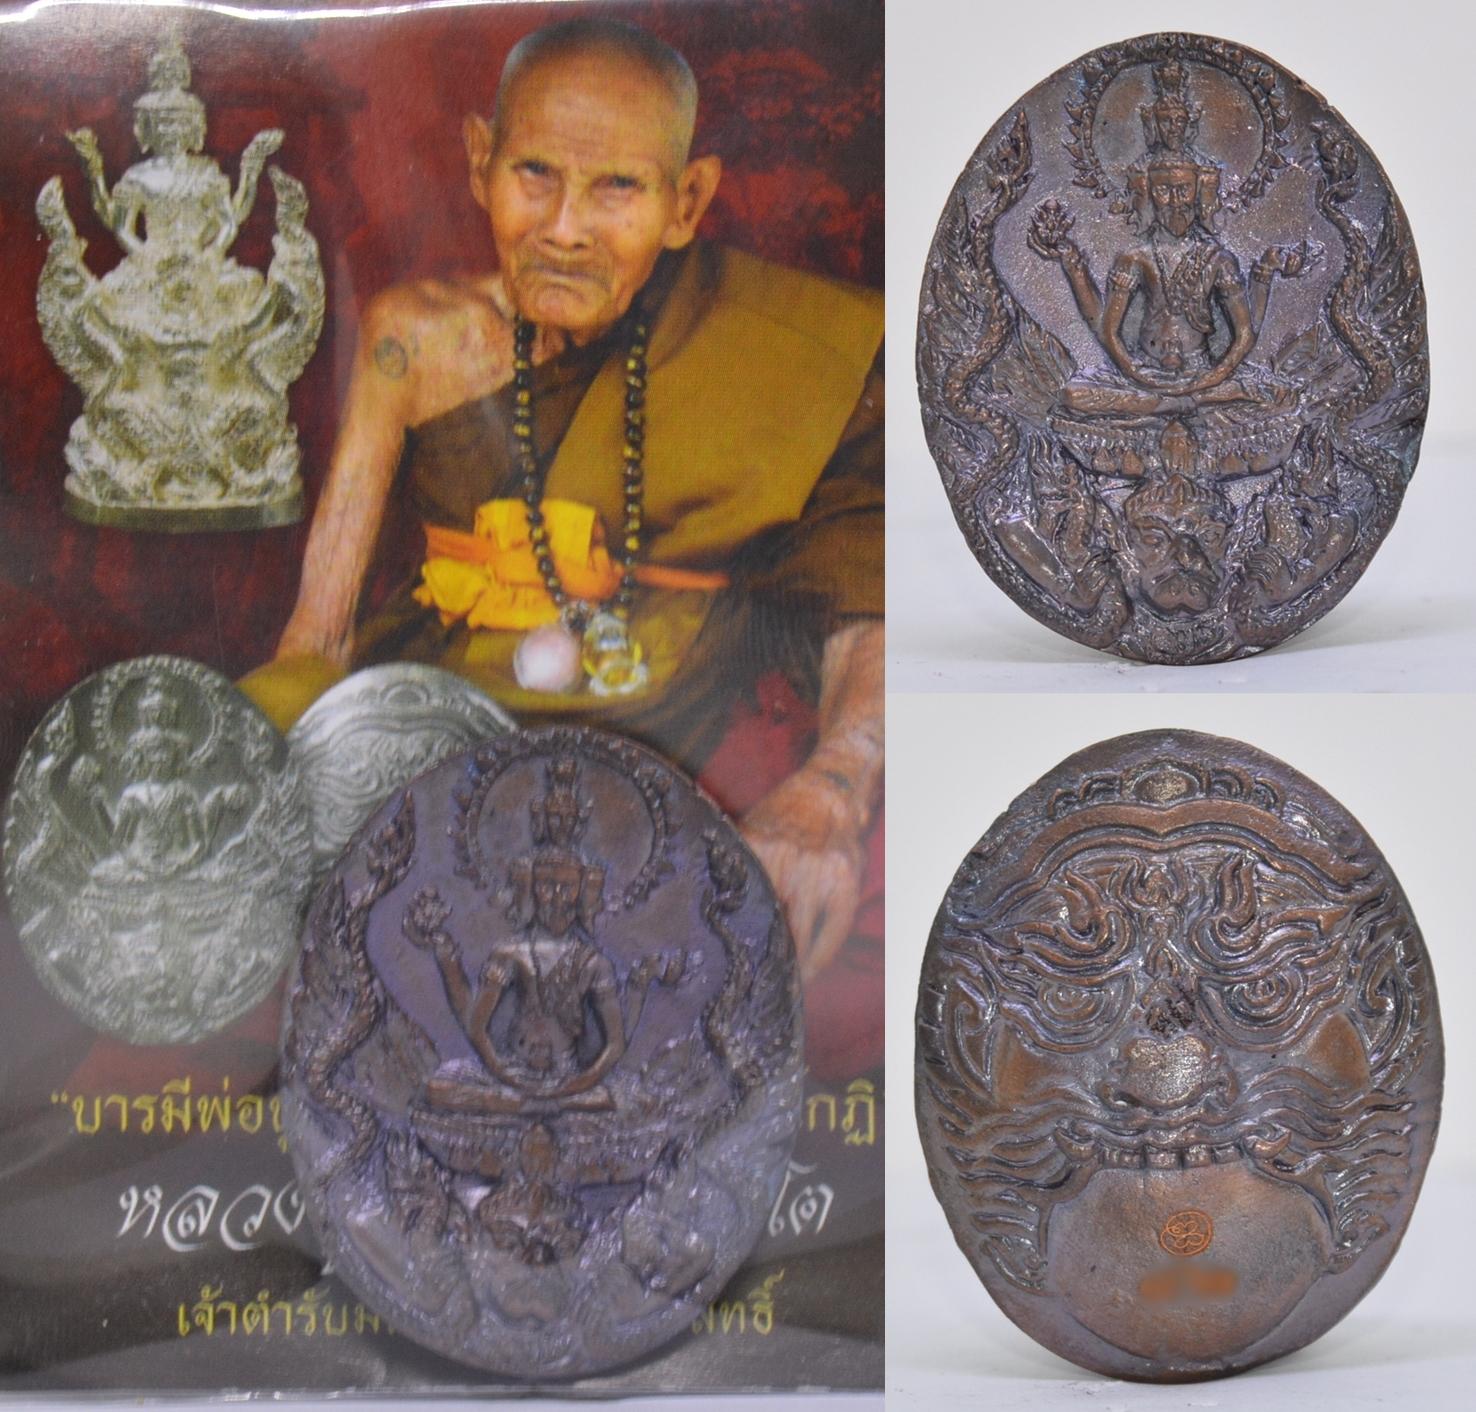 เหรียญพ่อปู่ฤาษีมหาจักรพรรดิ์นวโกฏิ เนื้อนวะ หลวงปู่นอง วัดเกาะโบสถ์ 2558